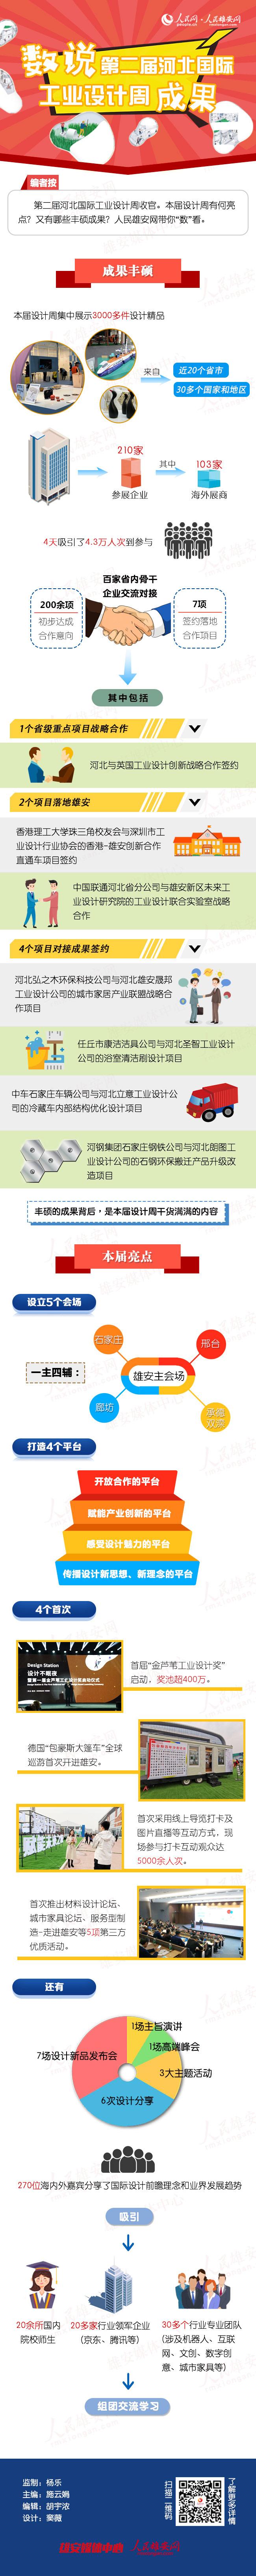 http://www.reviewcode.cn/bianchengyuyan/98624.html